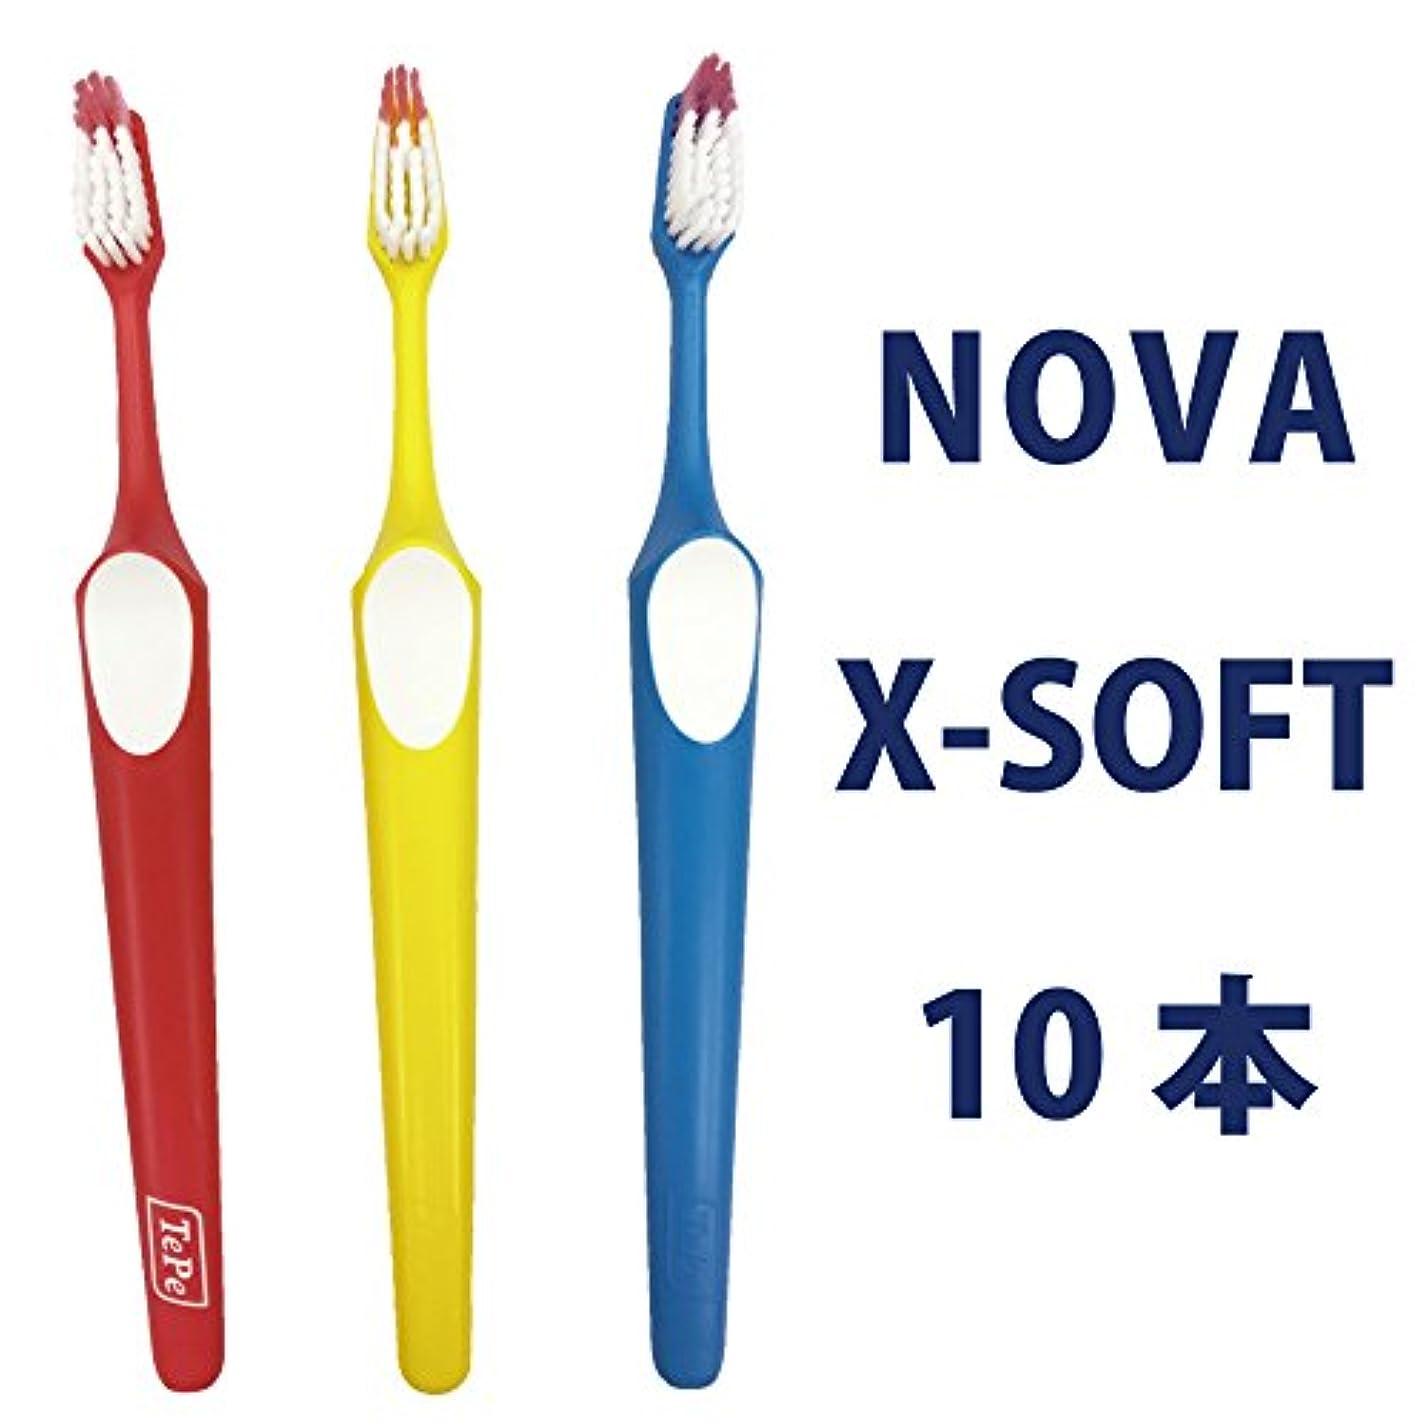 地中海あごひげ納税者テペ ノバ エキストラソフト(極やわらかめ)奥歯がみがきやすい 10本 NEWカラー